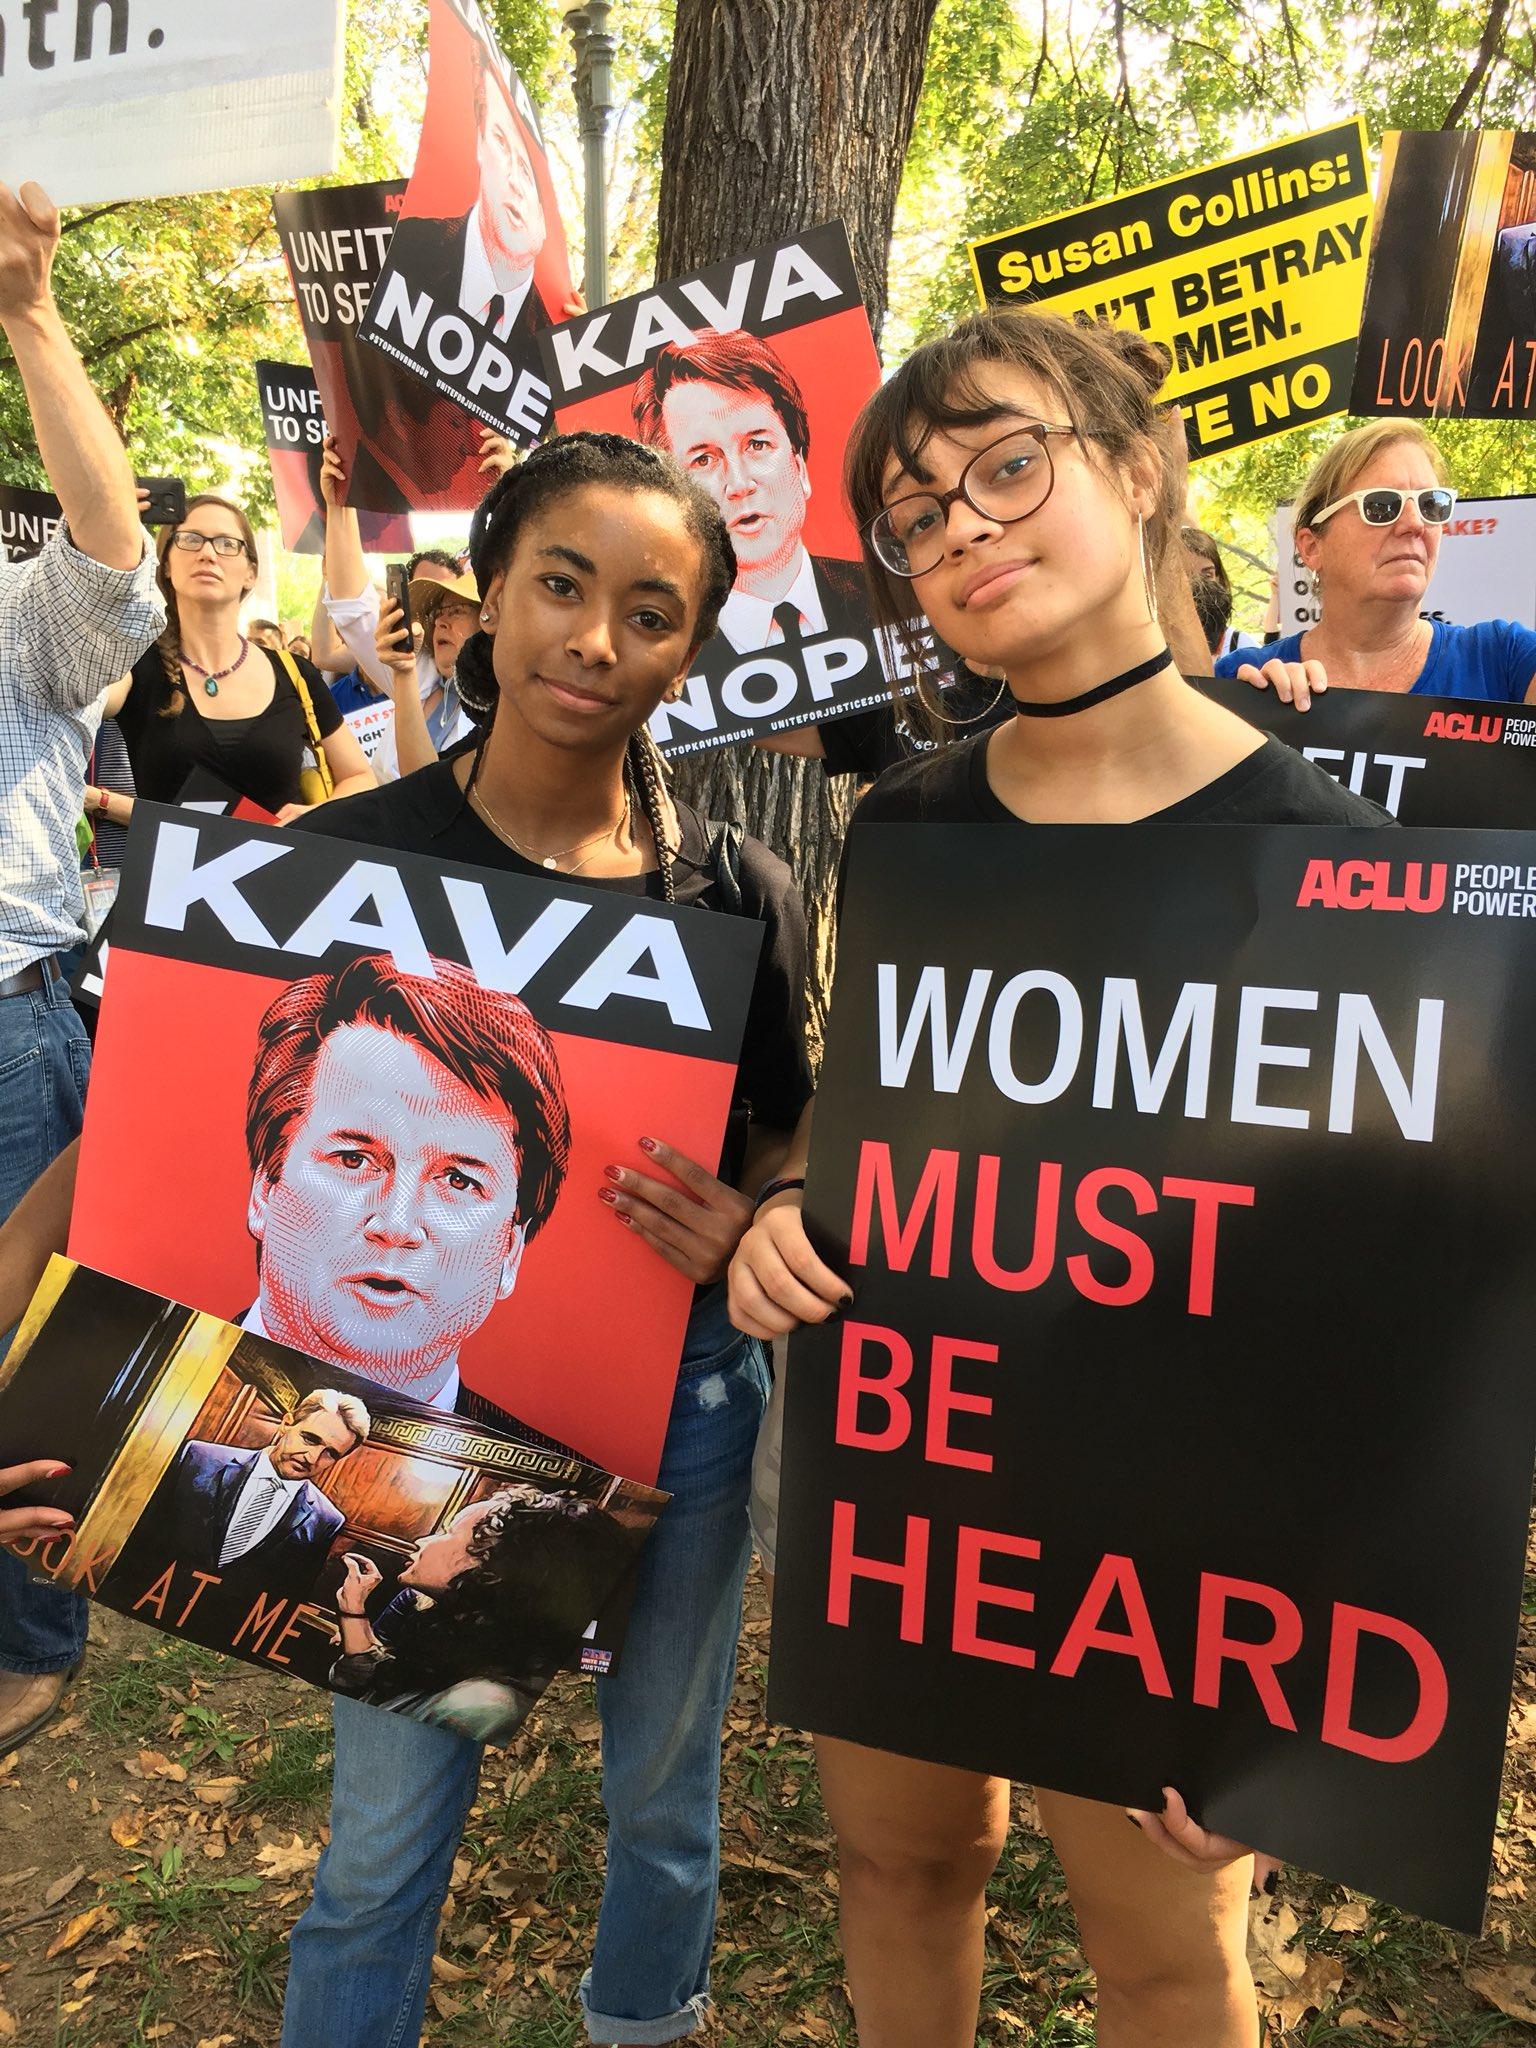 #StopKavanaugh https://t.co/fABwlSmOus